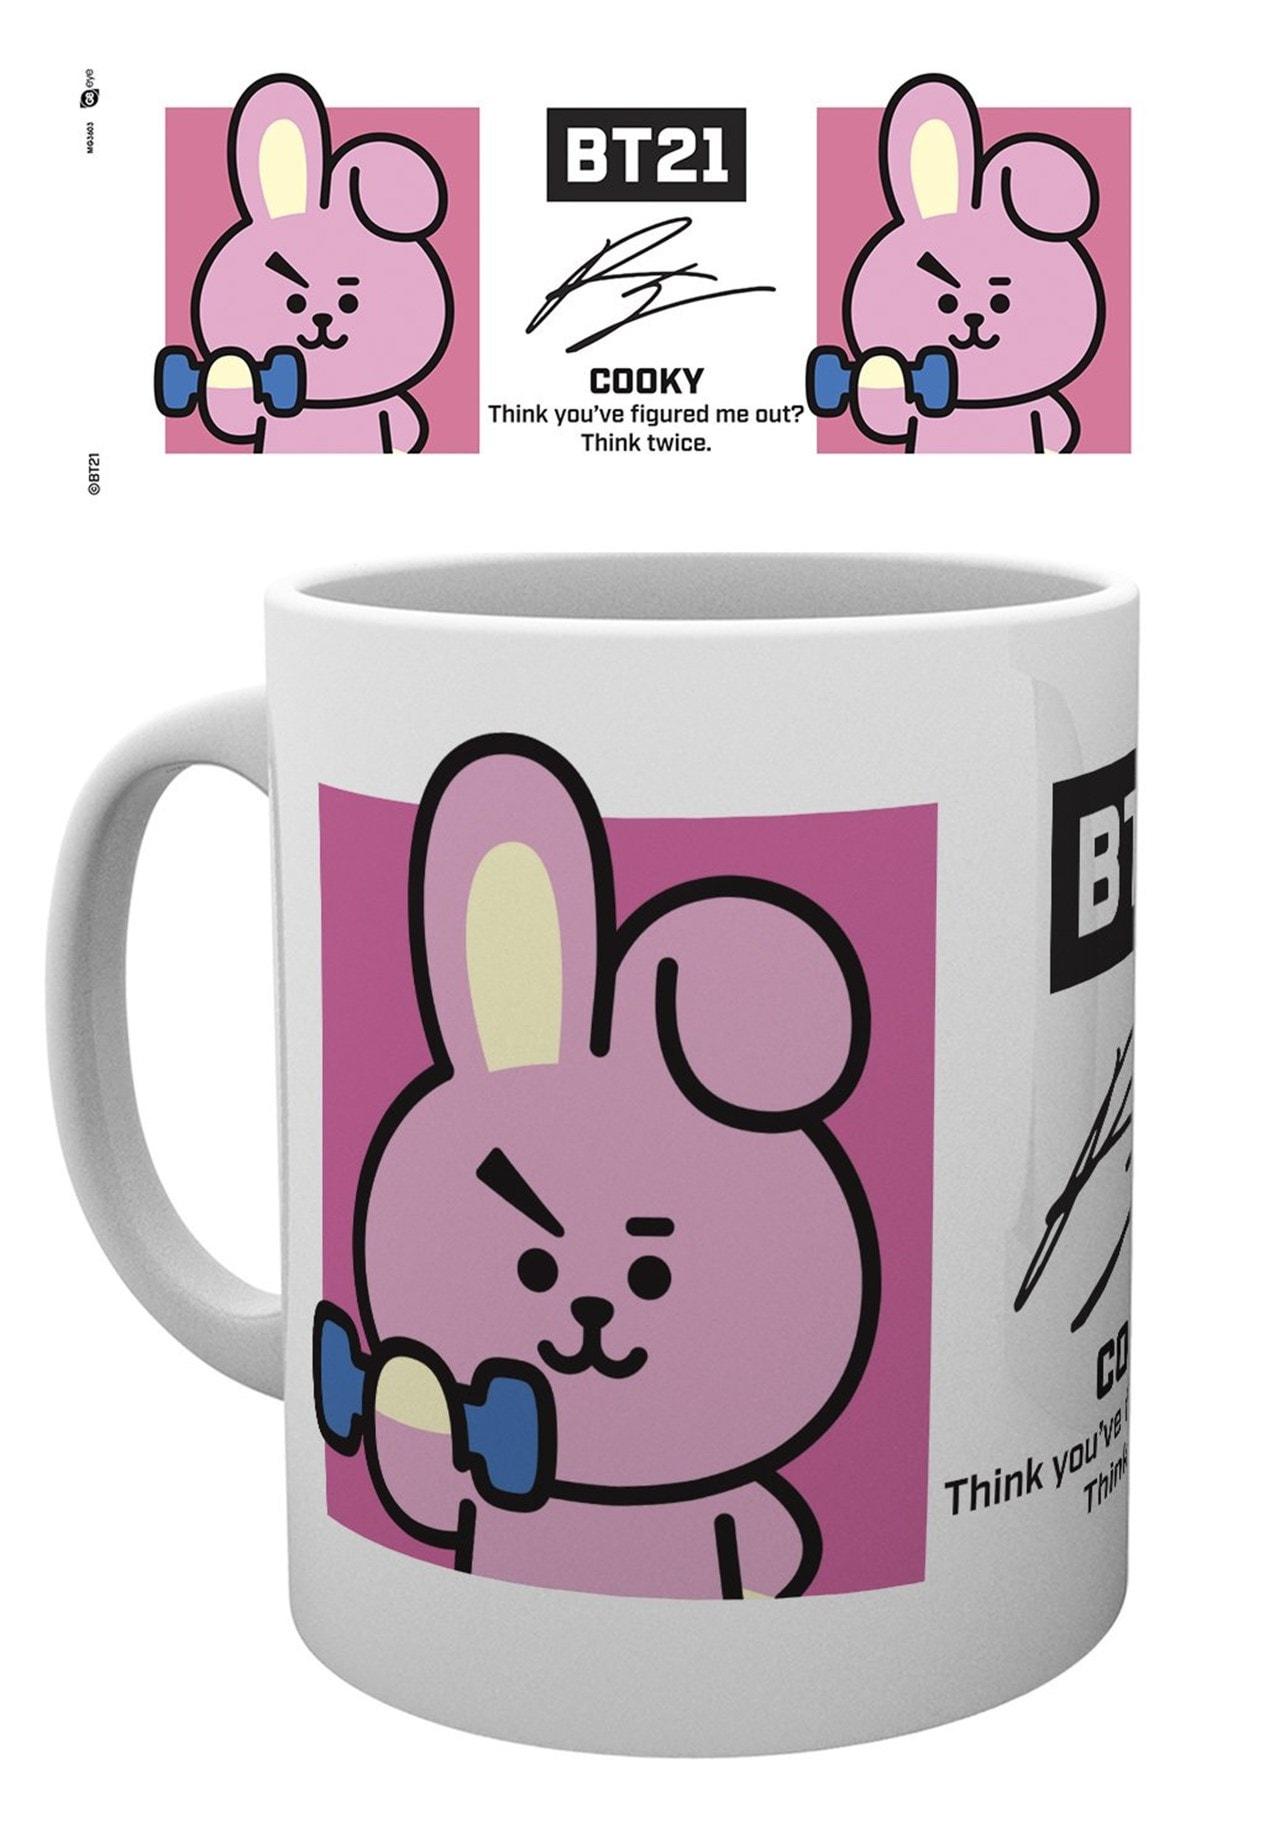 Mug BT21: Cooky - 1